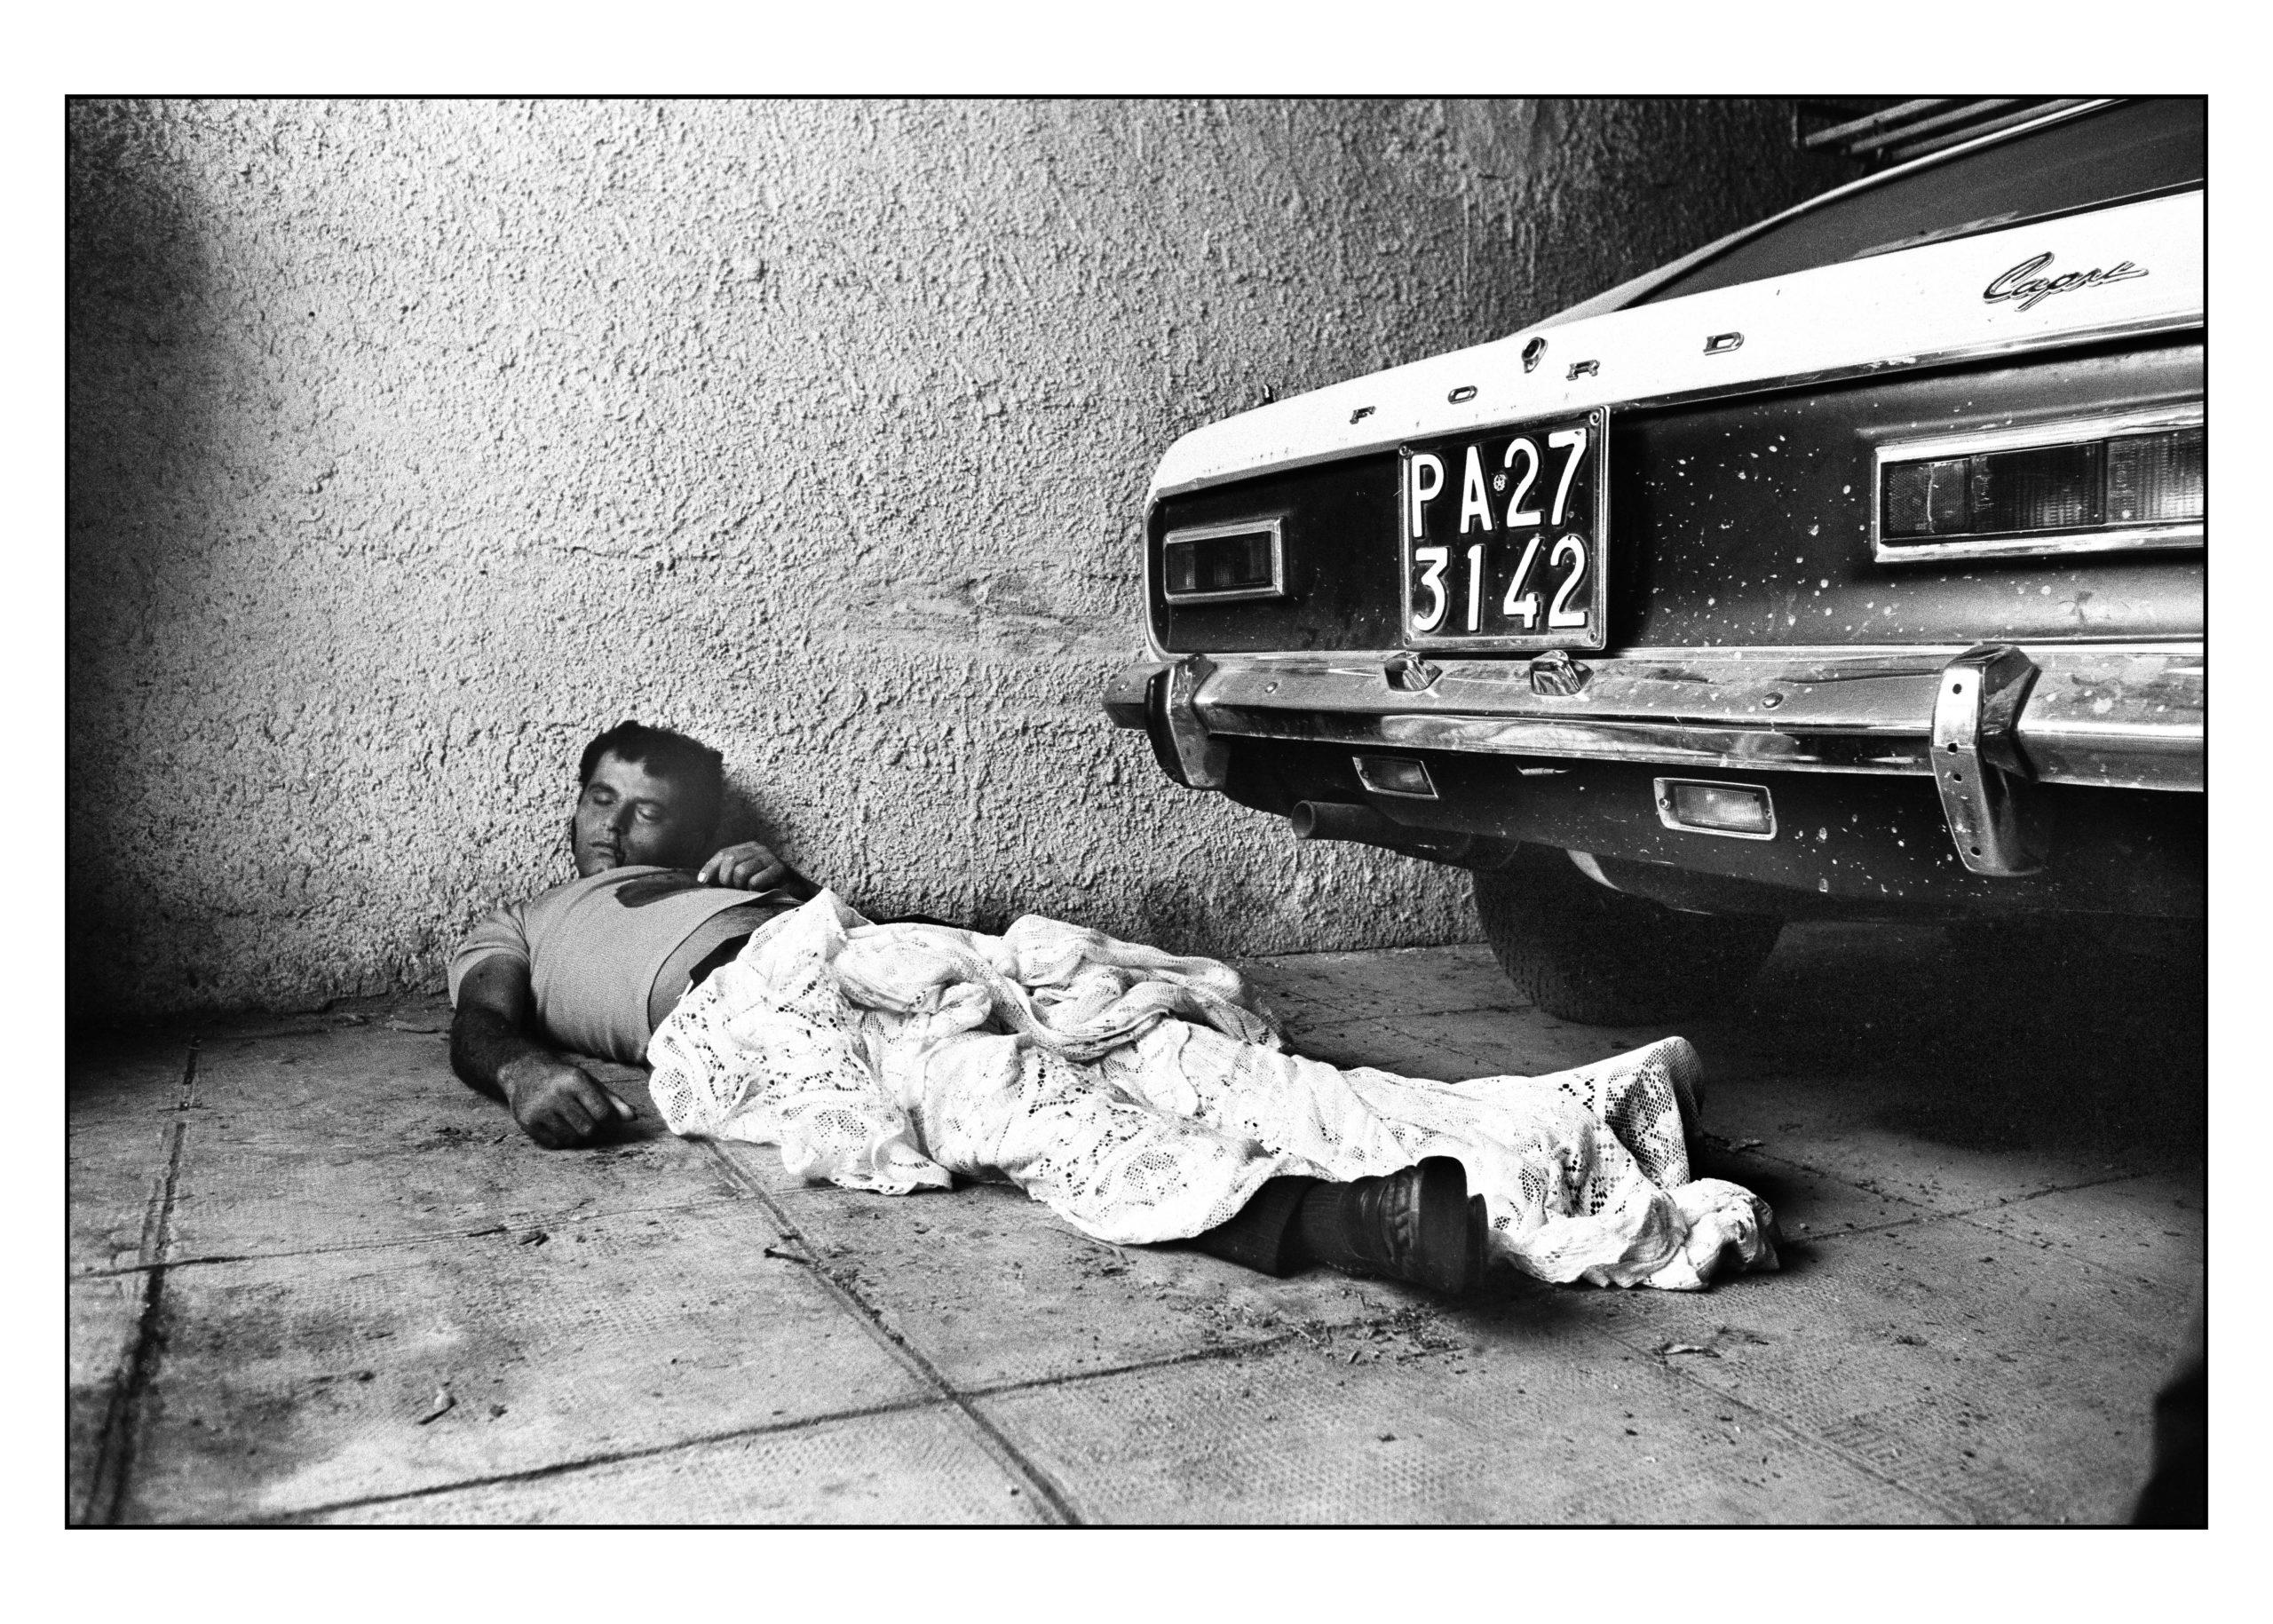 Violenza in bianco e nero: Letizia Battaglia racconta gli anni di piombo di Palermo, a Napoli